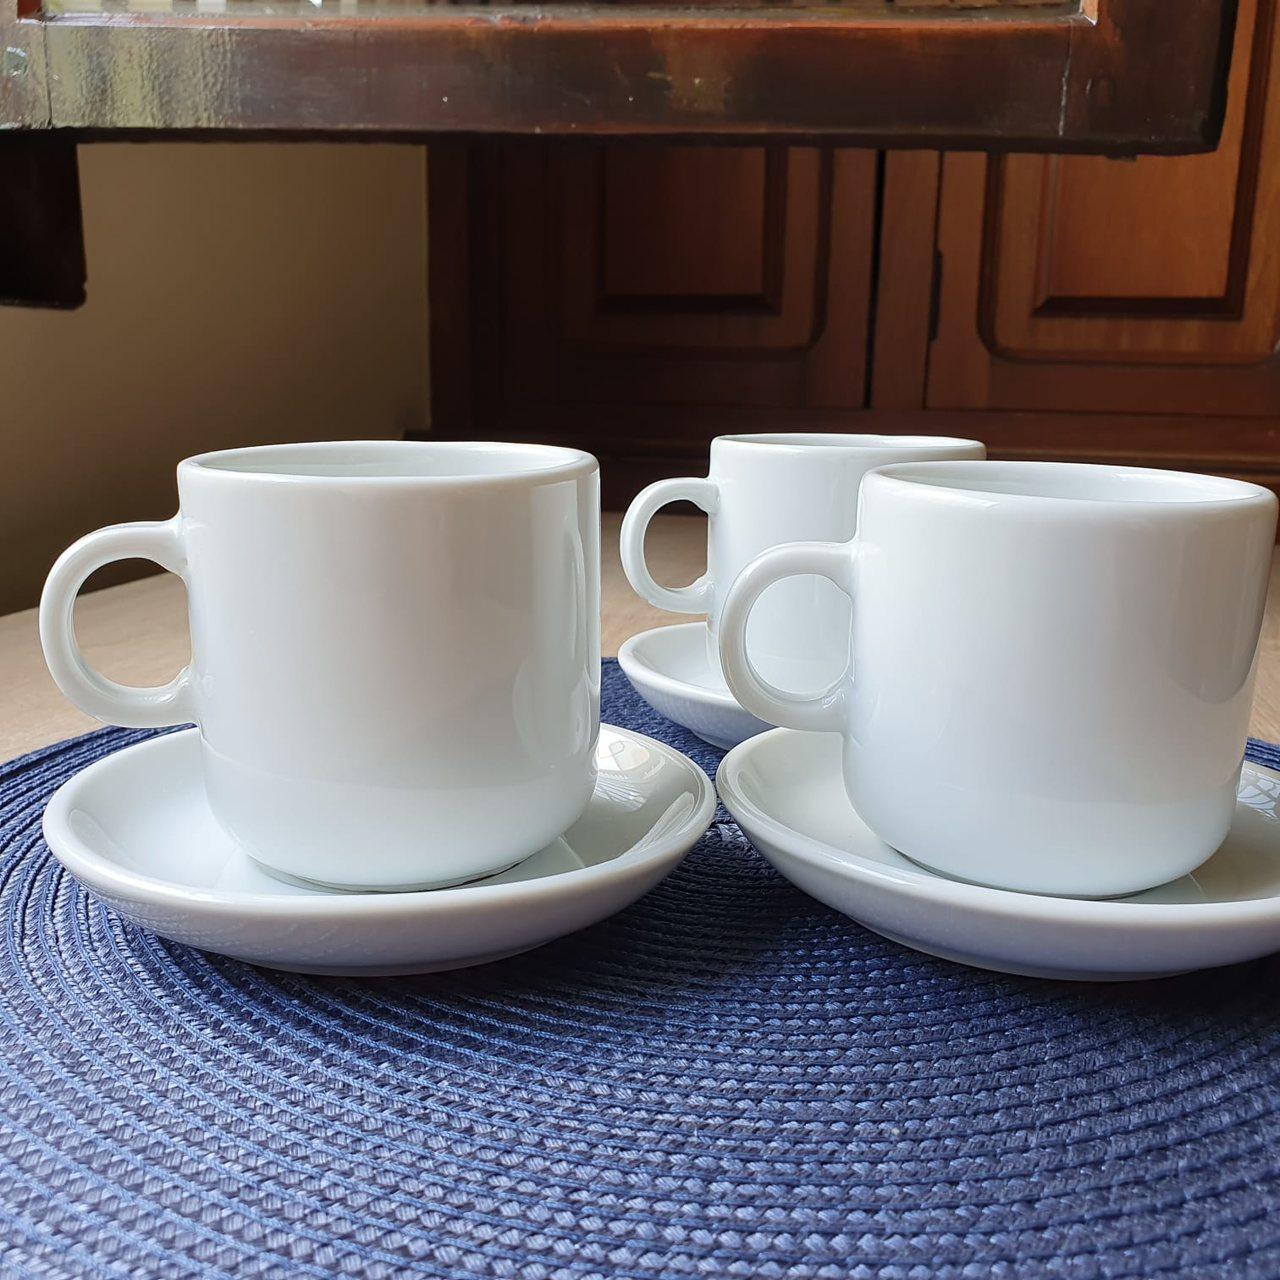 Jogo de Xícaras de Chá Brancas Bold Porcelana Germer 220ml 6 Unidades